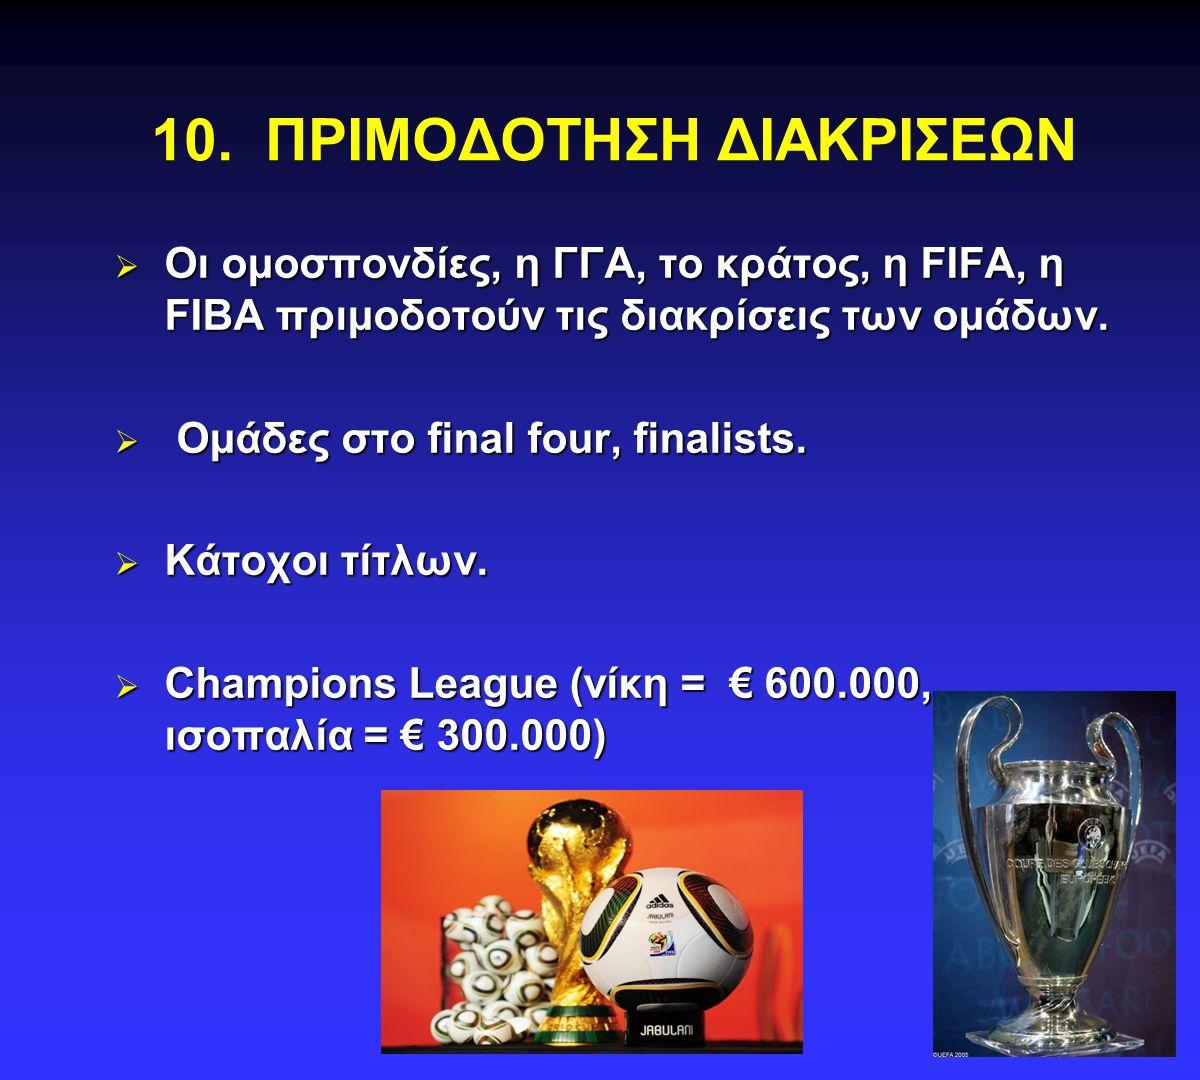 10. ΠΡΙΜΟΔΟΤΗΣΗ ΔΙΑΚΡΙΣΕΩΝ  Οι ομοσπονδίες, η ΓΓΑ, το κράτος, η FIFA, η FIBA πριμοδοτούν τις διακρίσεις των ομάδων.  Ομάδες στο final four, finalist